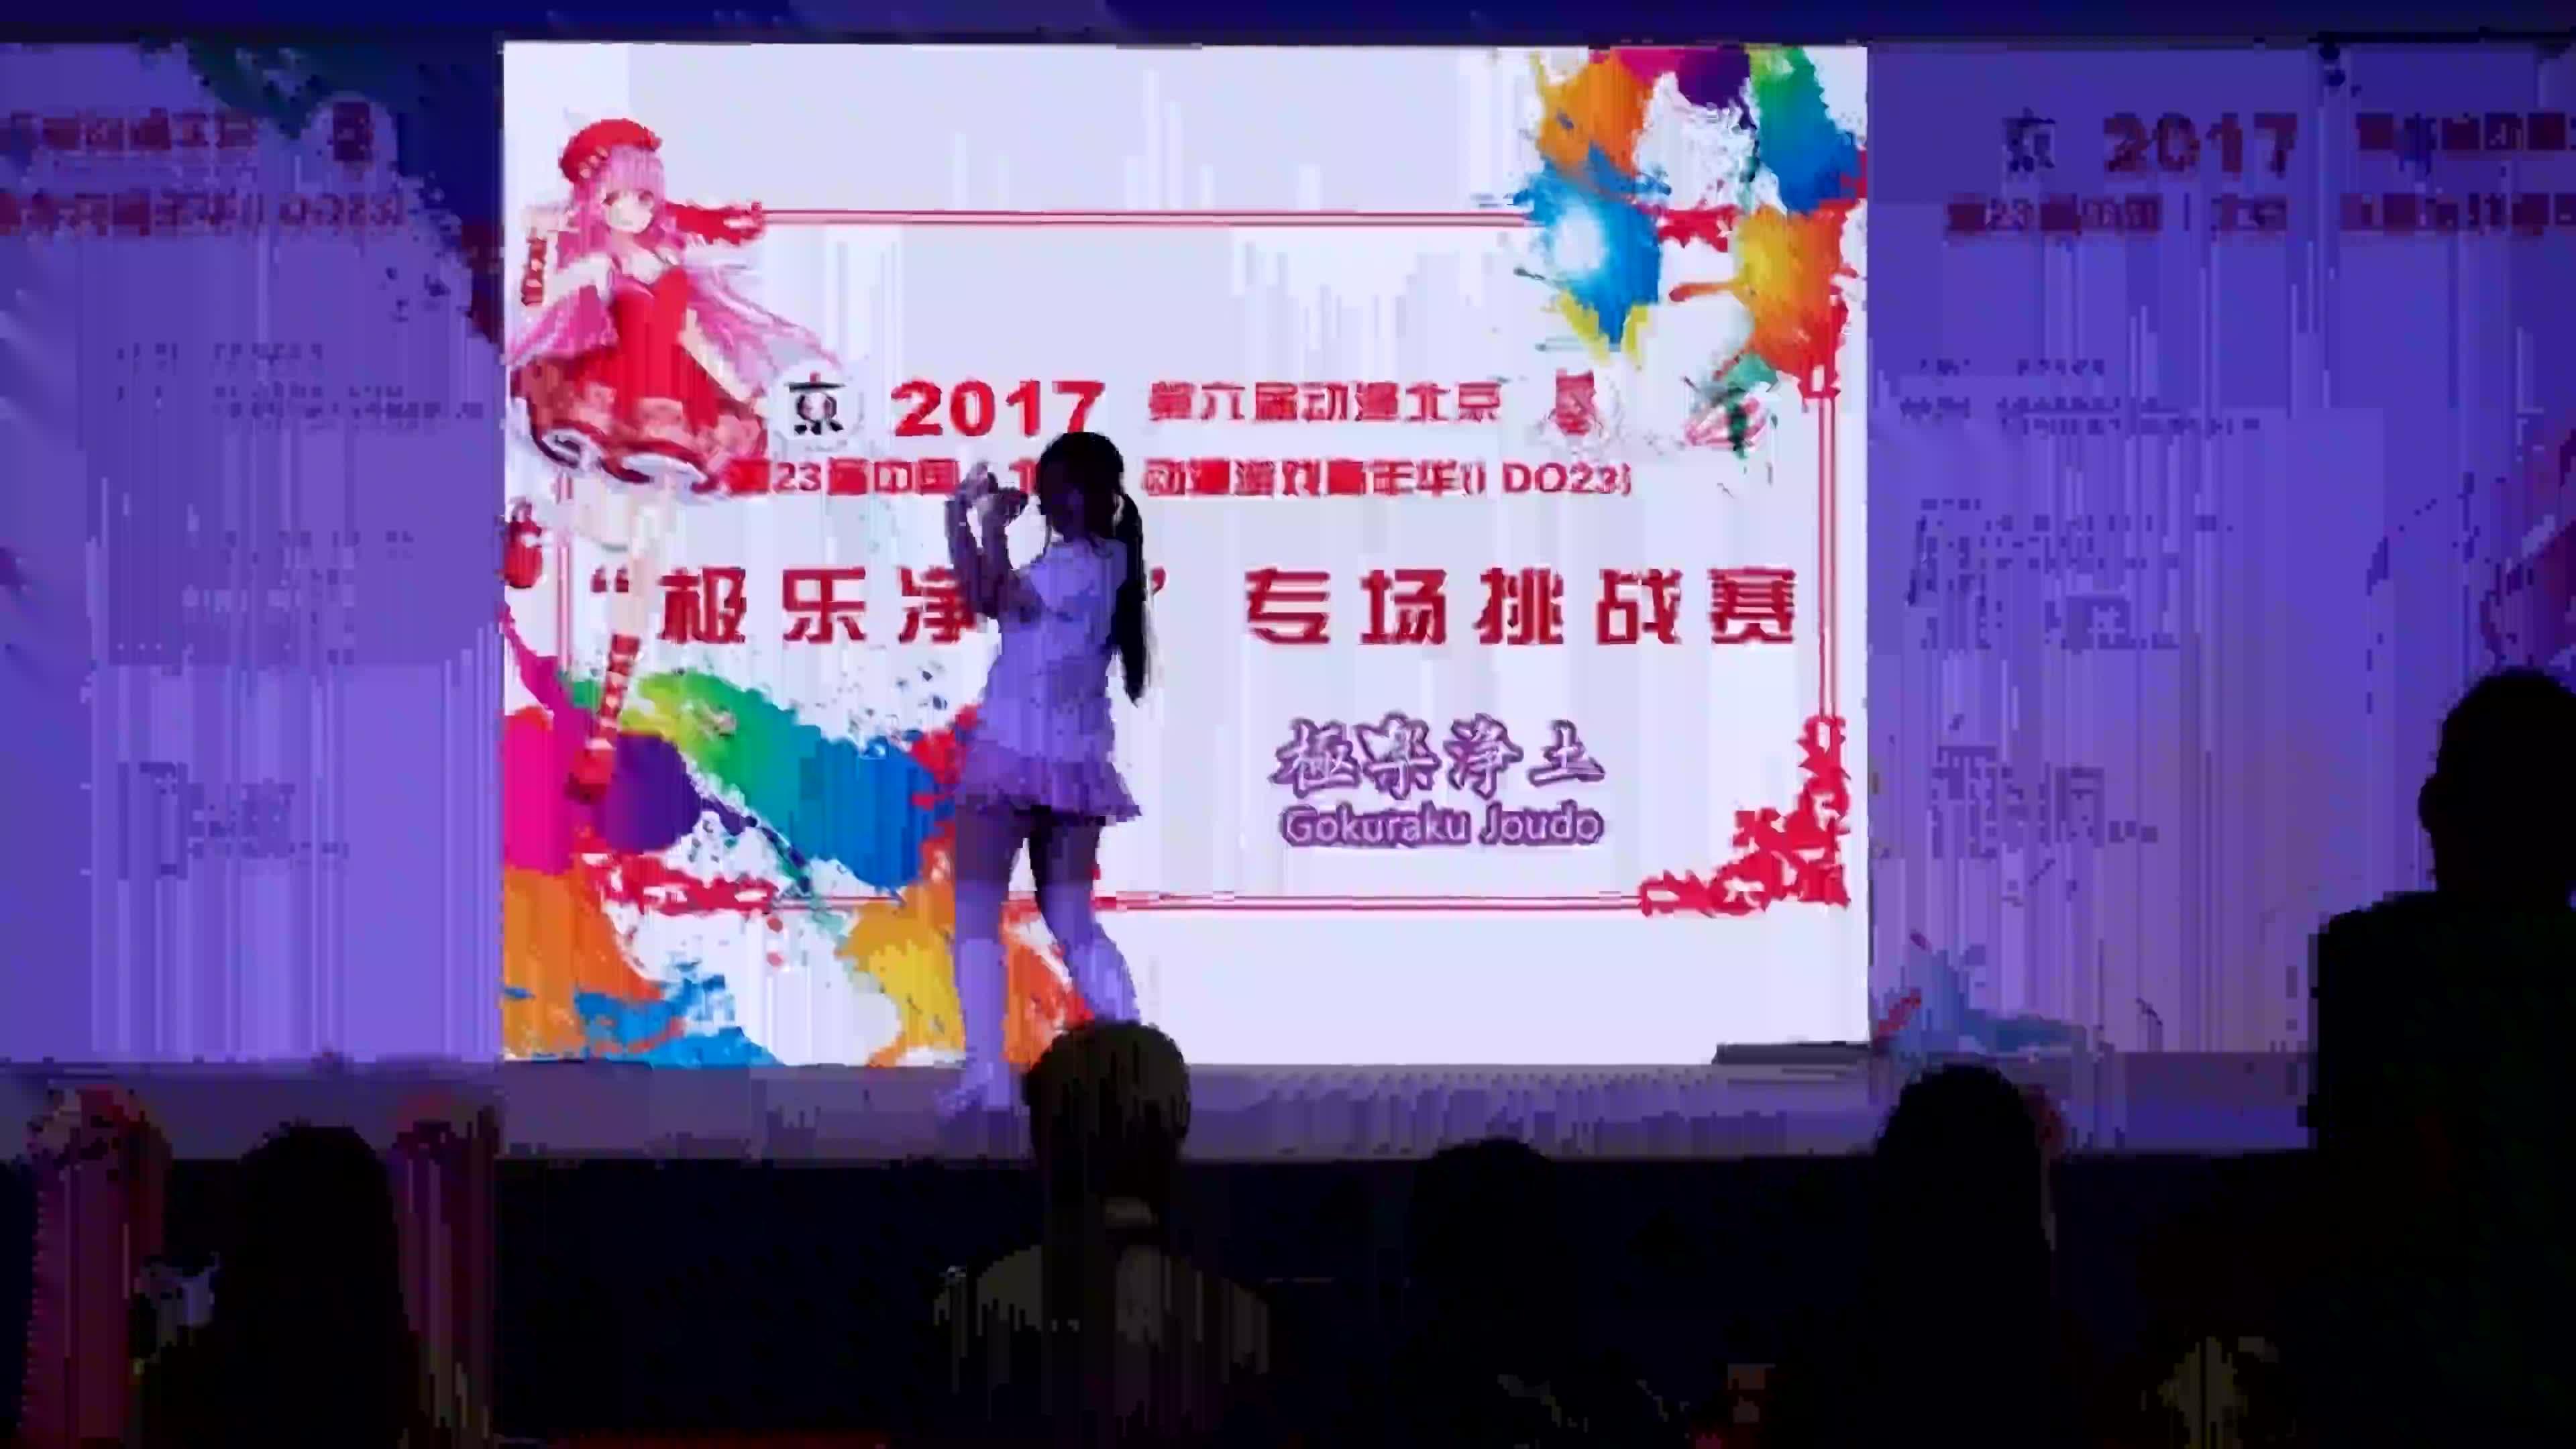 北京通信展:VK美女SK模特大比拼(图)--中华网--科技频道